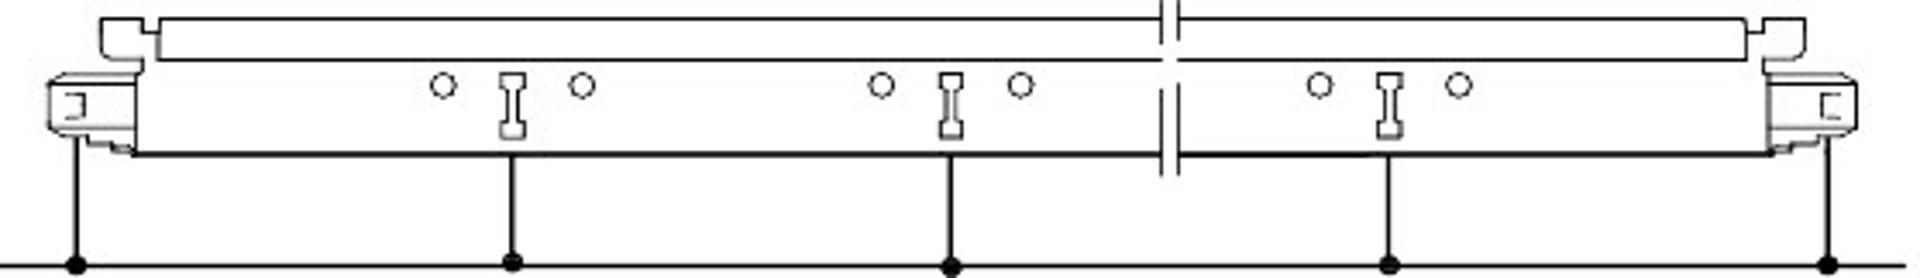 Positie van slots en ophangpunten